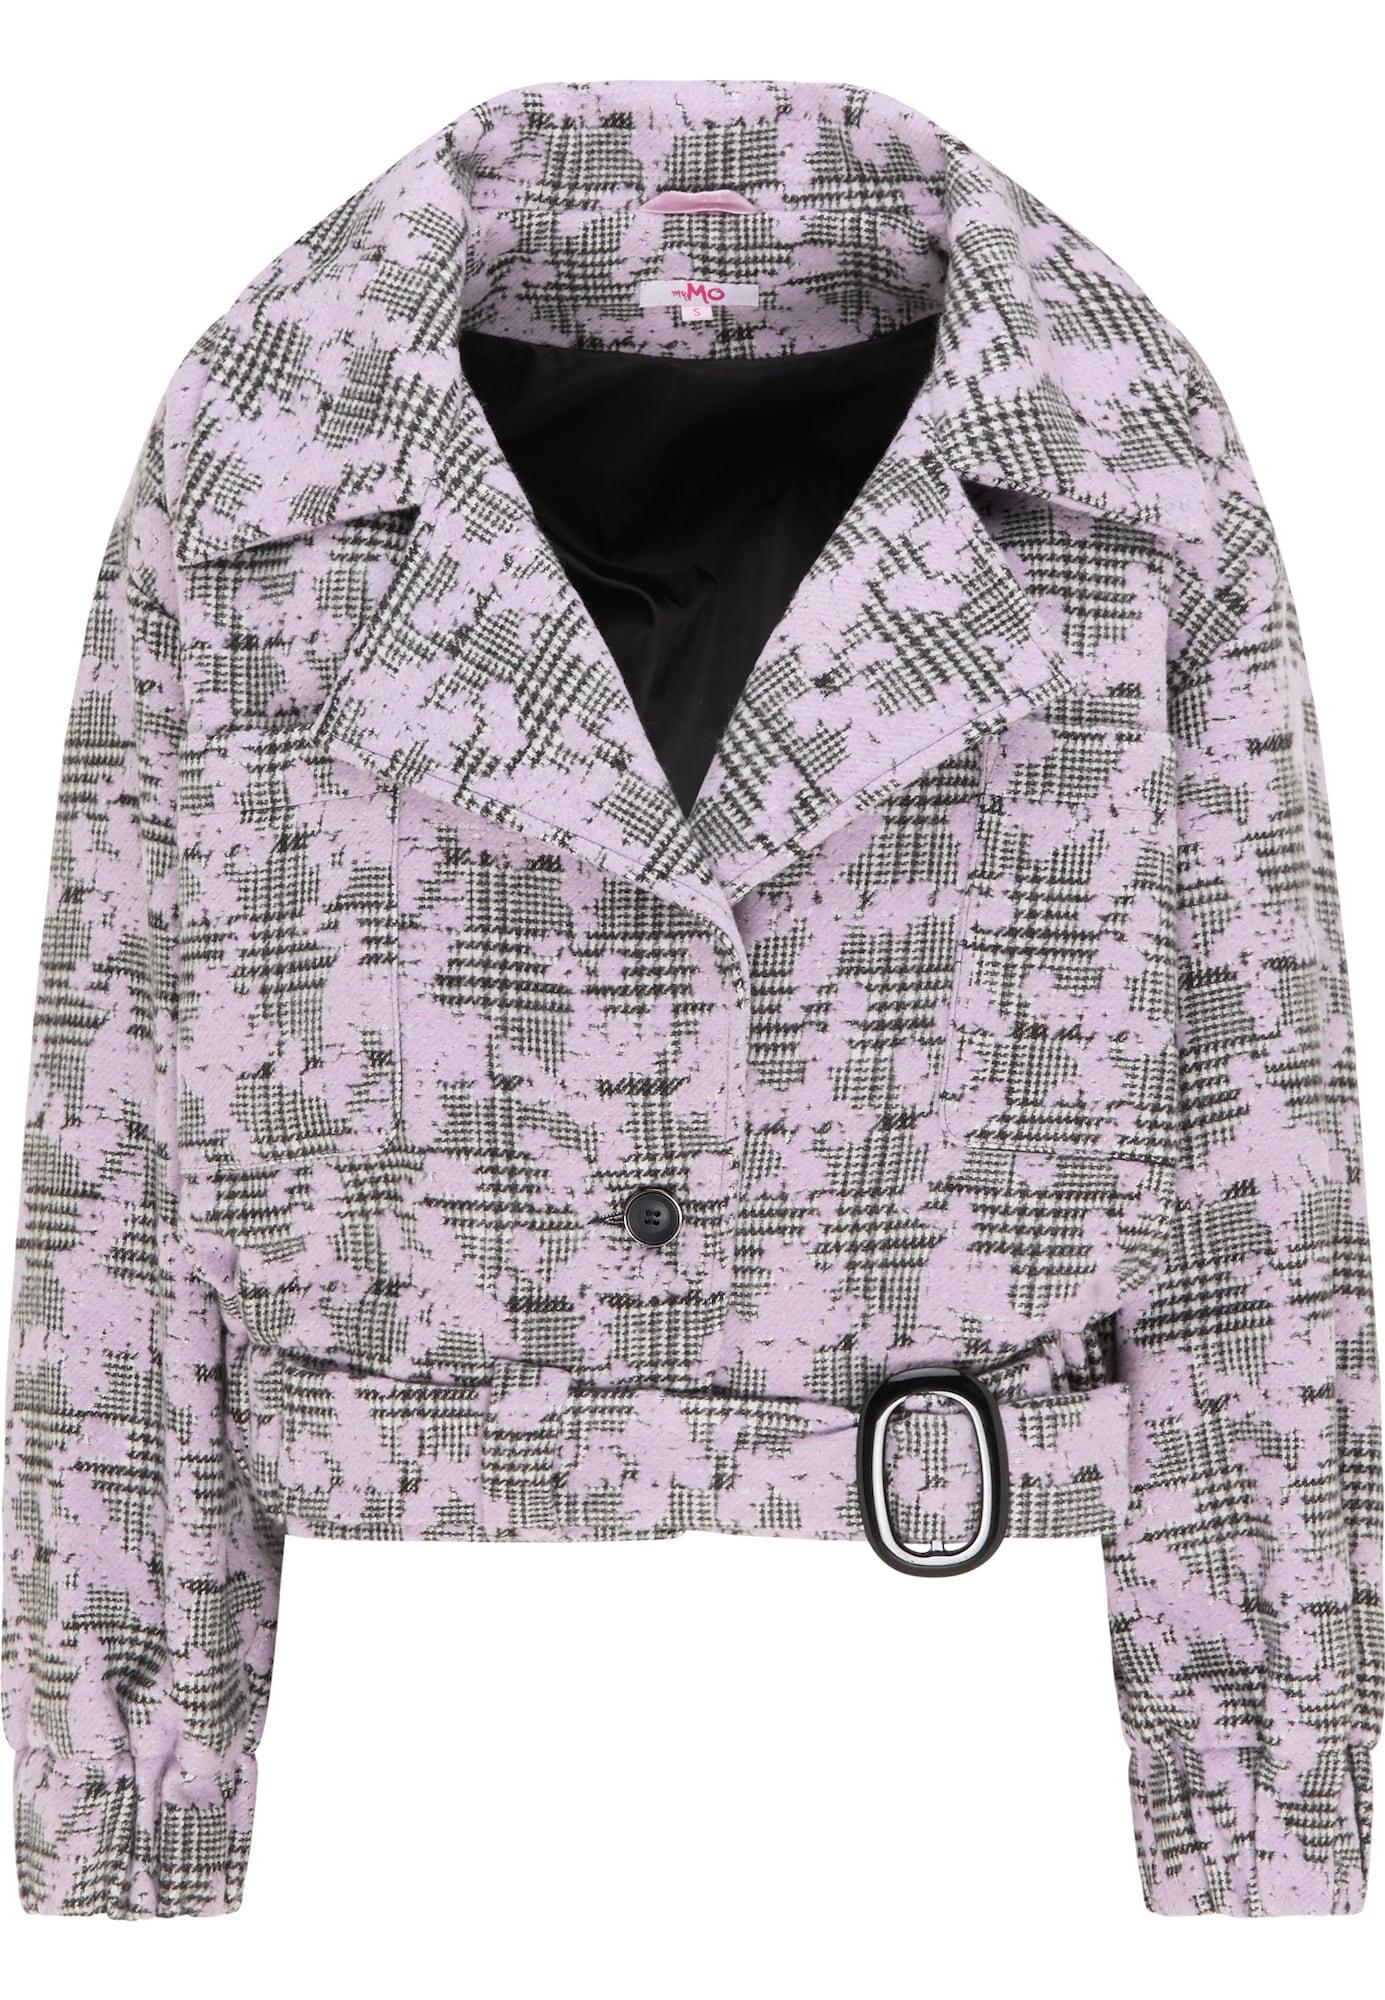 MYMO Demisezoninė striukė pilka / rausvai violetinė spalva